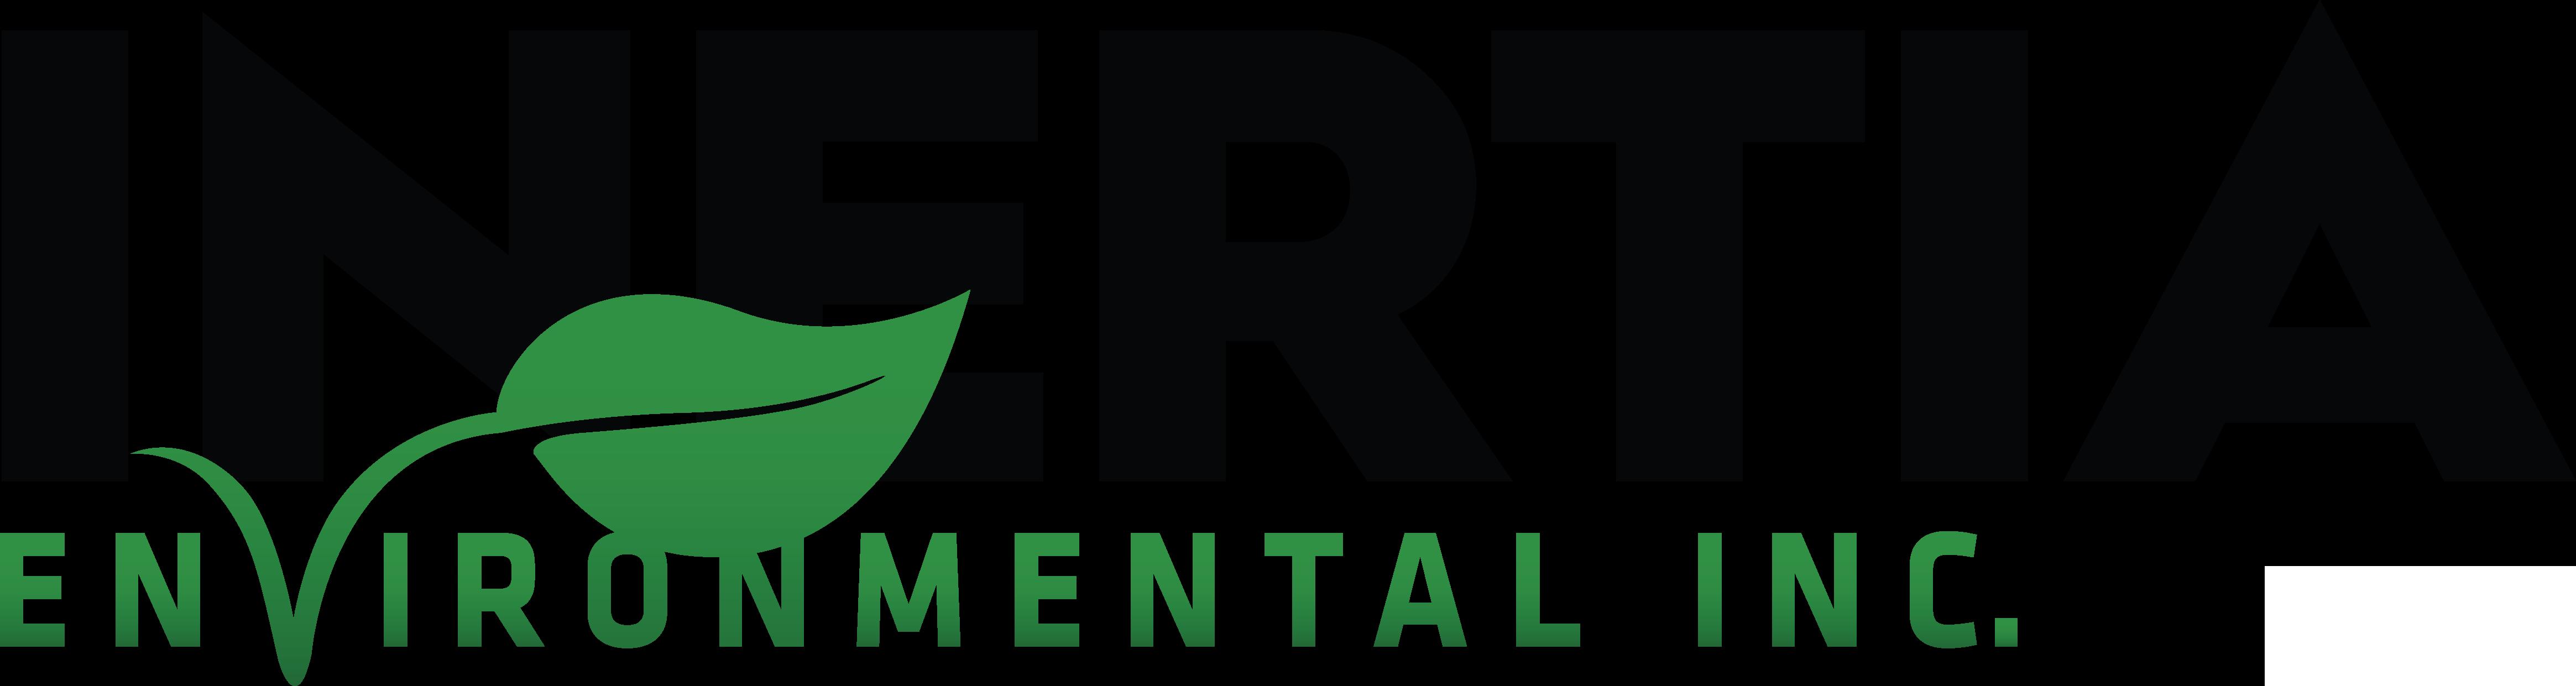 Inertia 2017